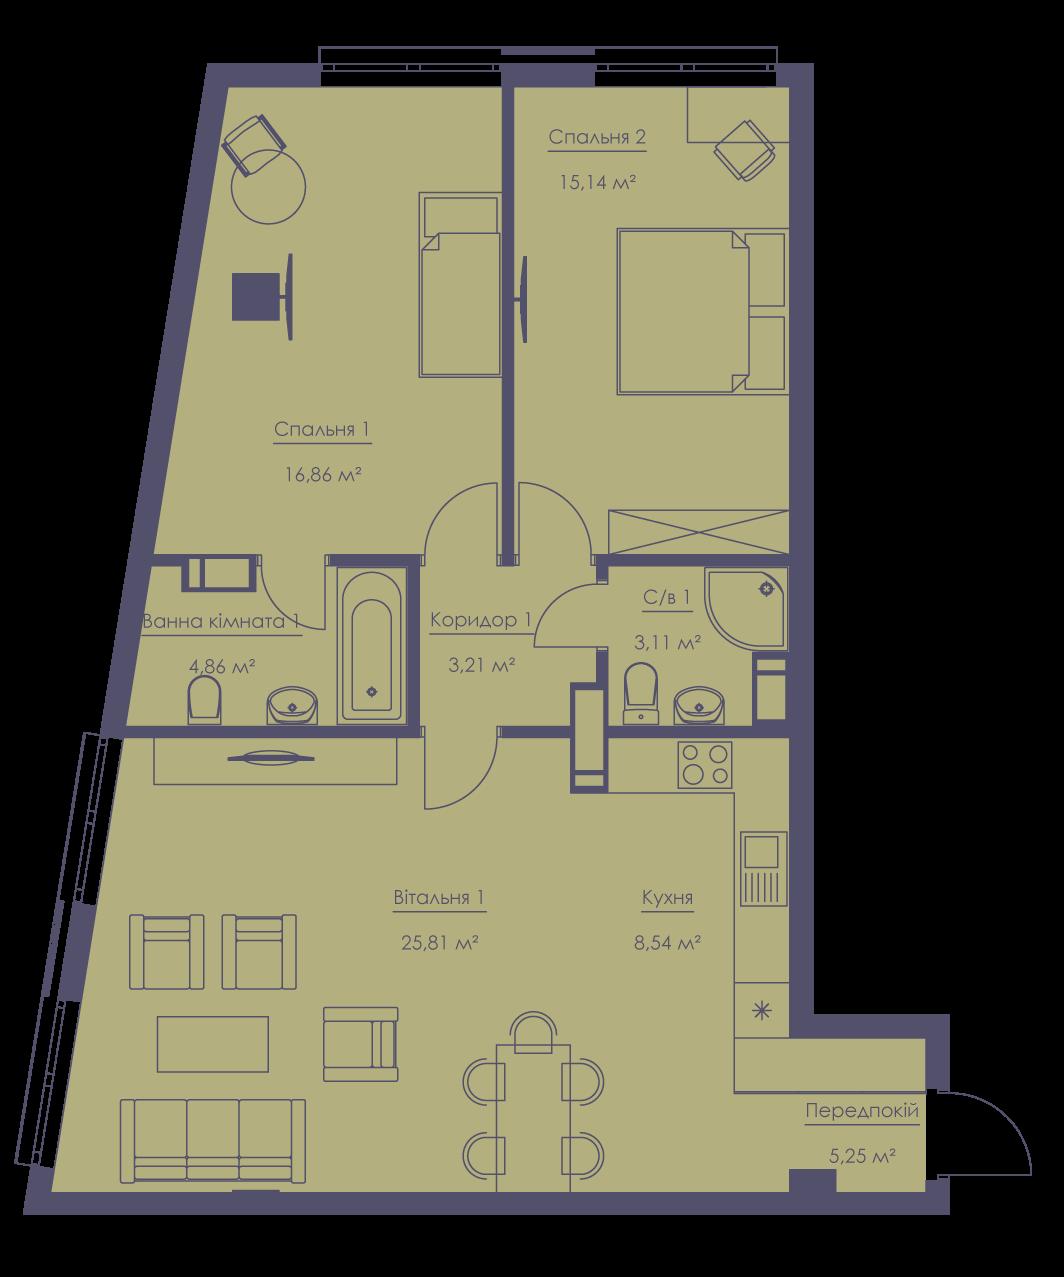 Apartment layout KV_63_3n_1_1_7-1